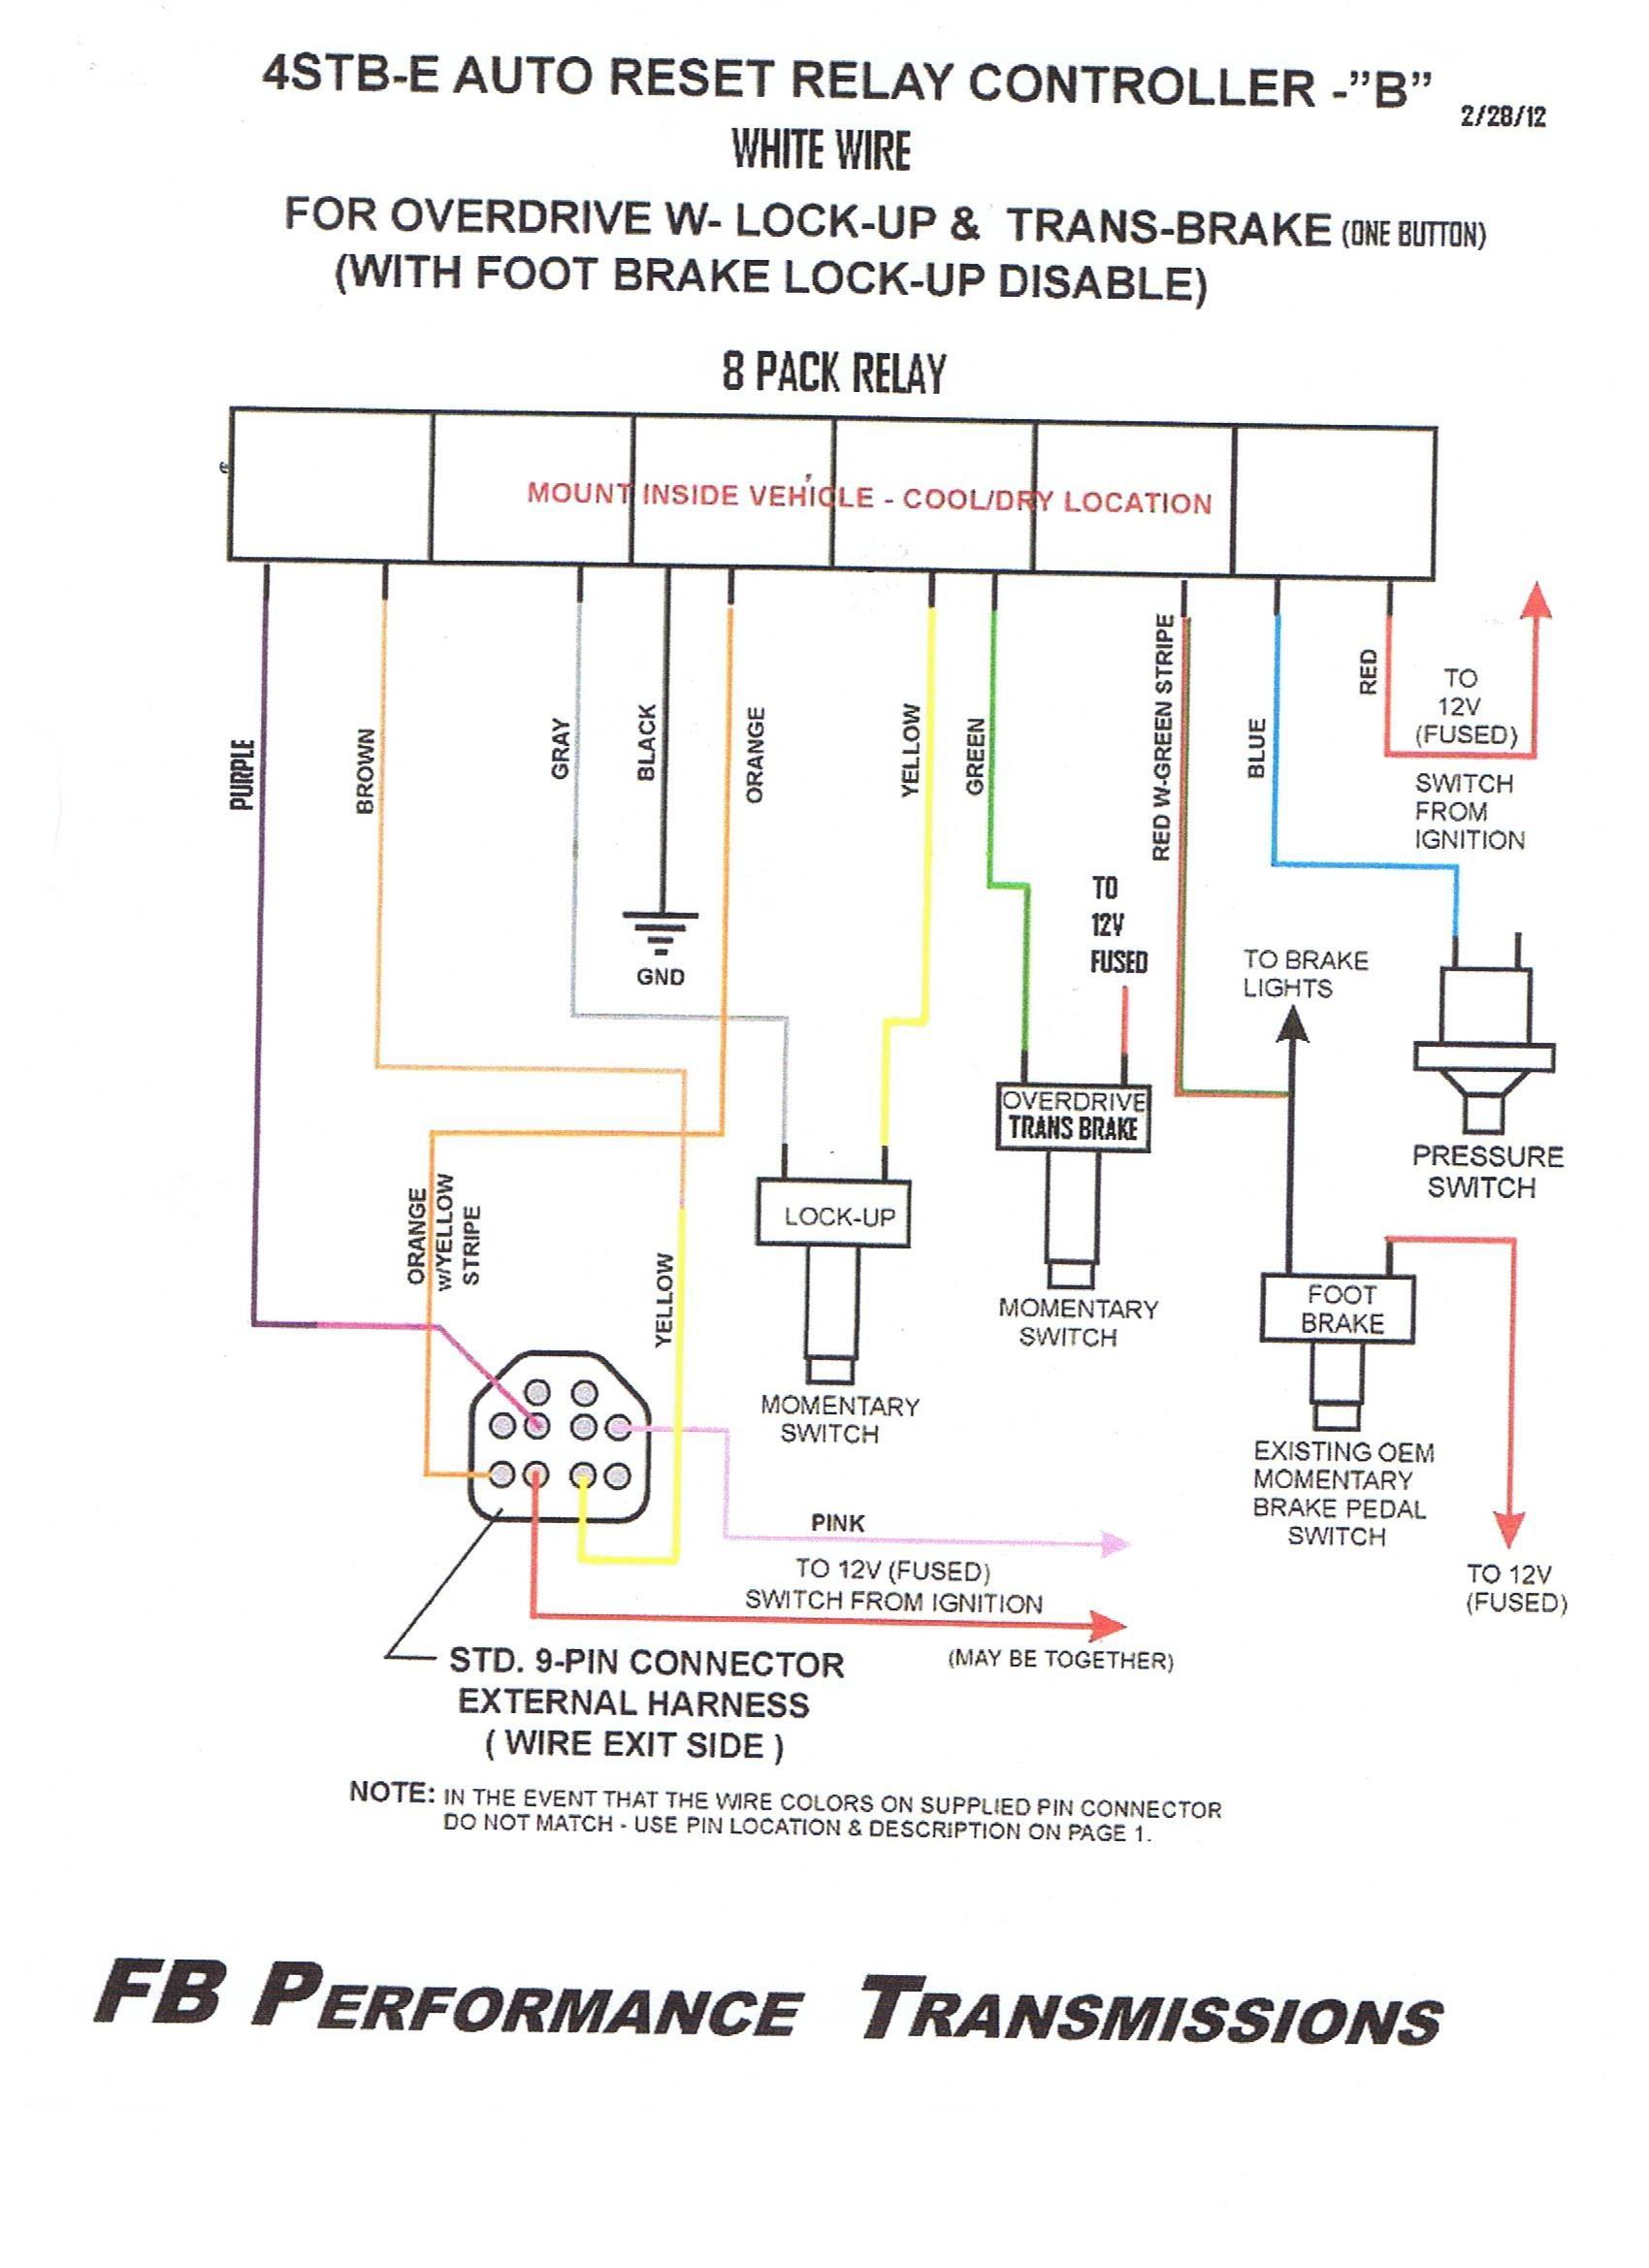 2003 ford Escape Engine Diagram 4f27e Wiring Diagram Wiring Diagram Of 2003 ford Escape Engine Diagram